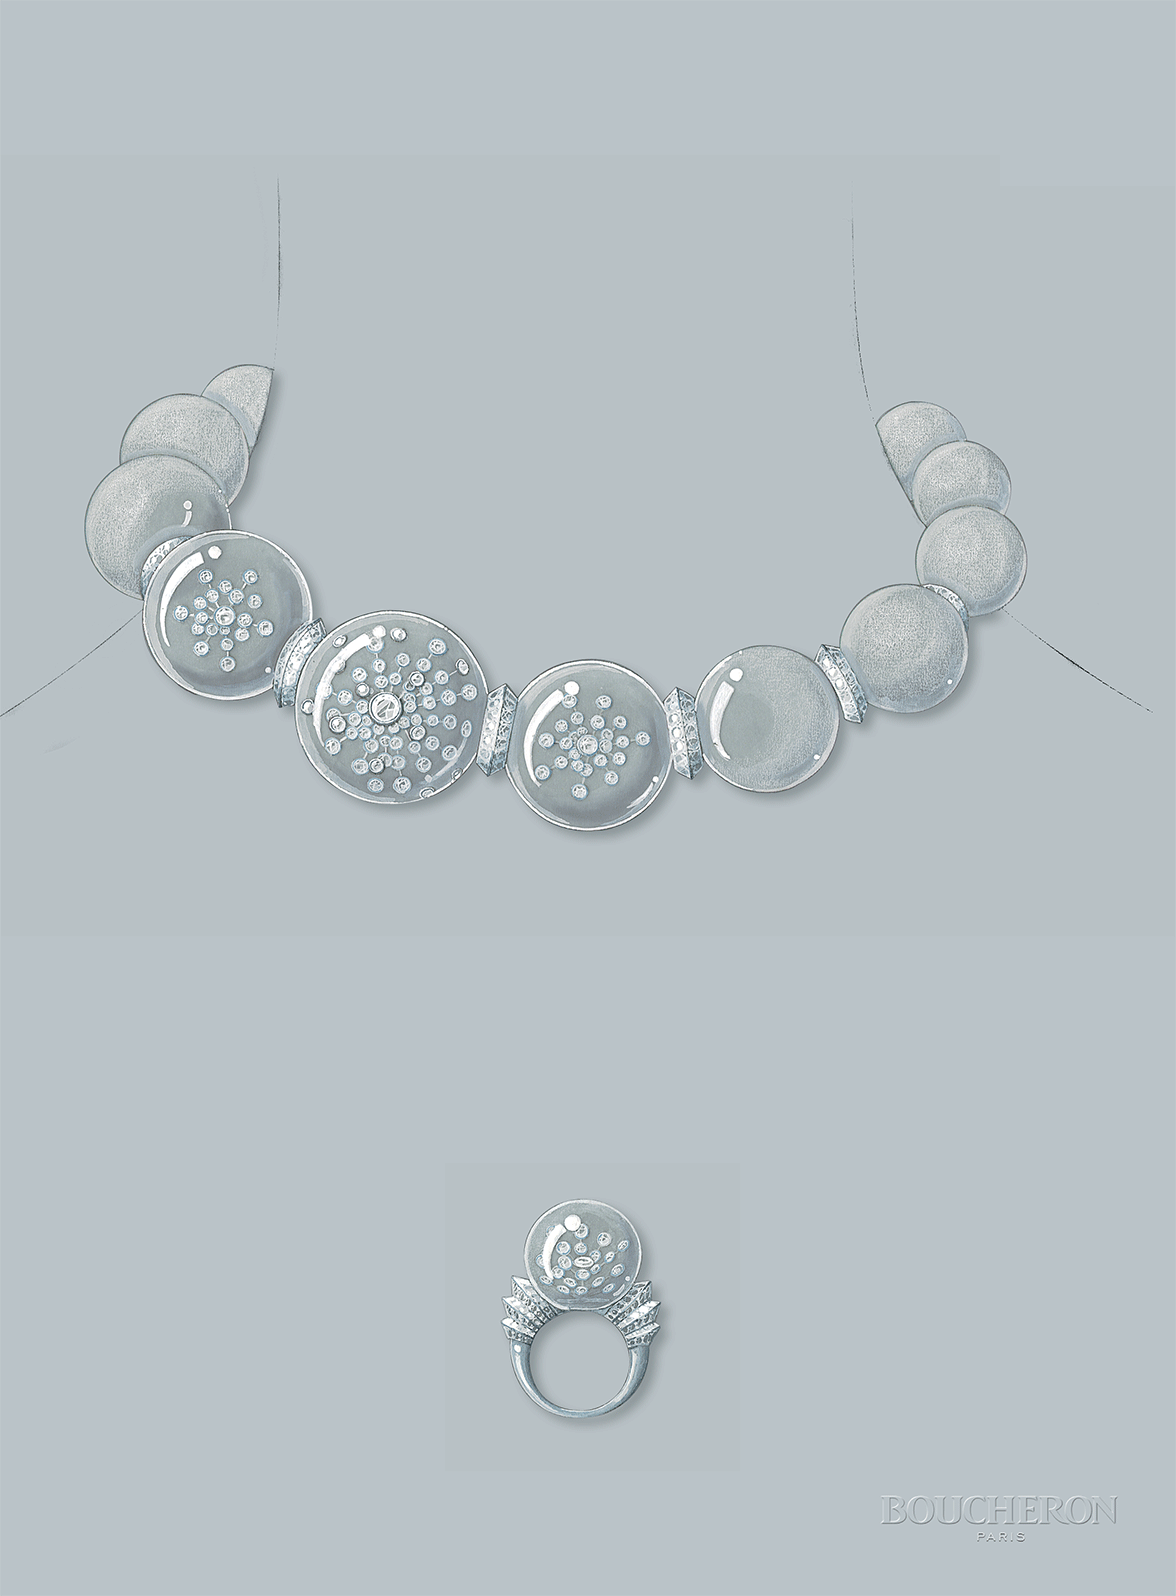 Drawn necklace boucheron  d'éclat Drawing necklace necklace